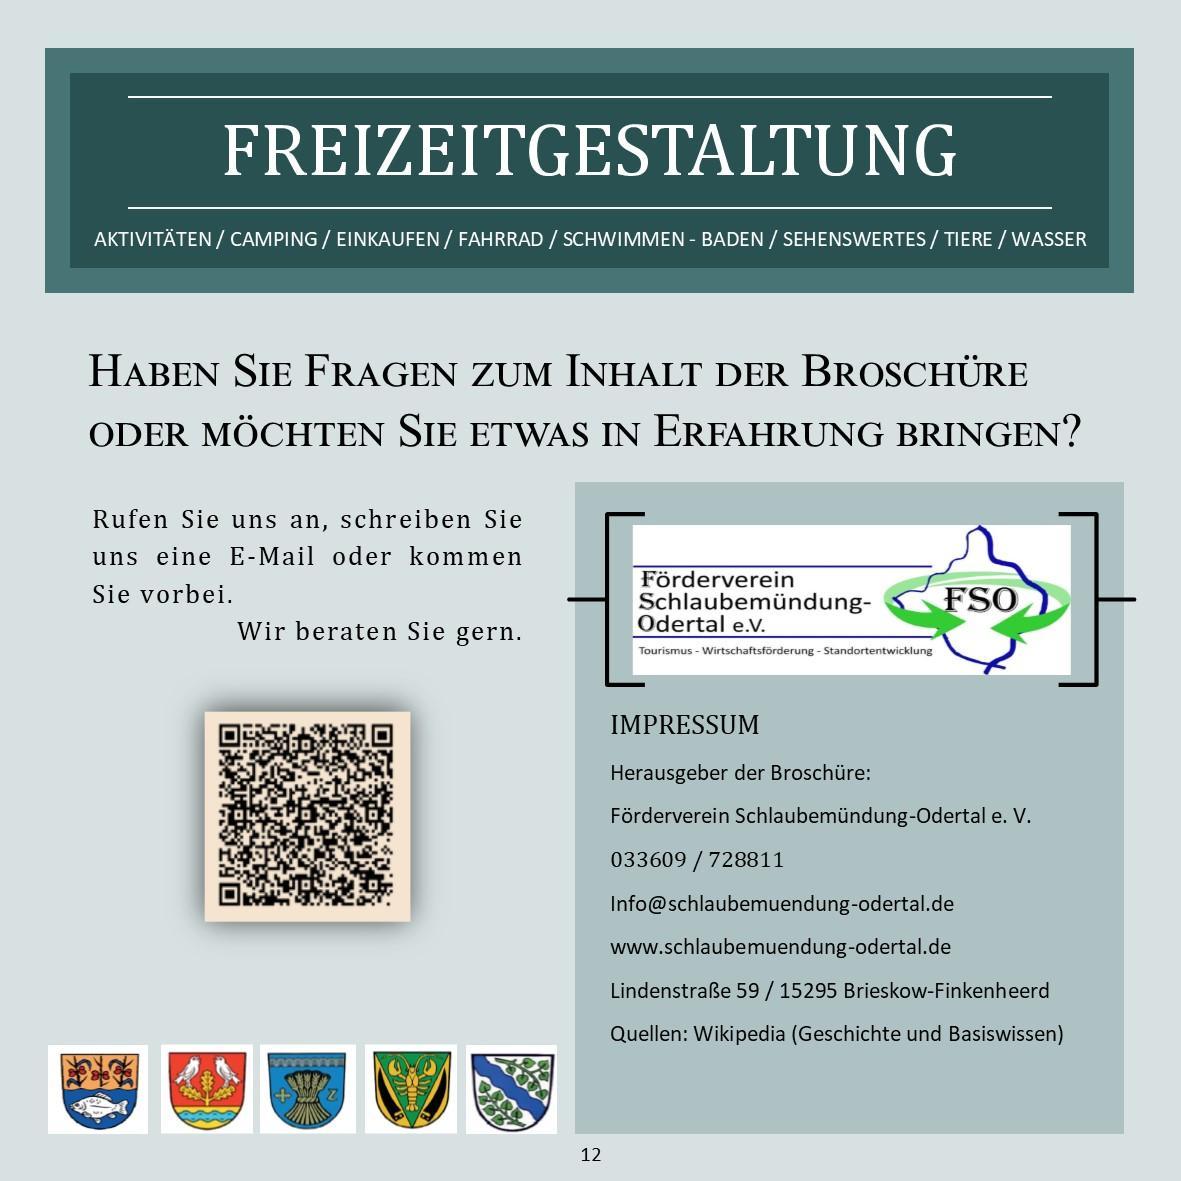 Ziltendorf_Freizeitgestaltung12